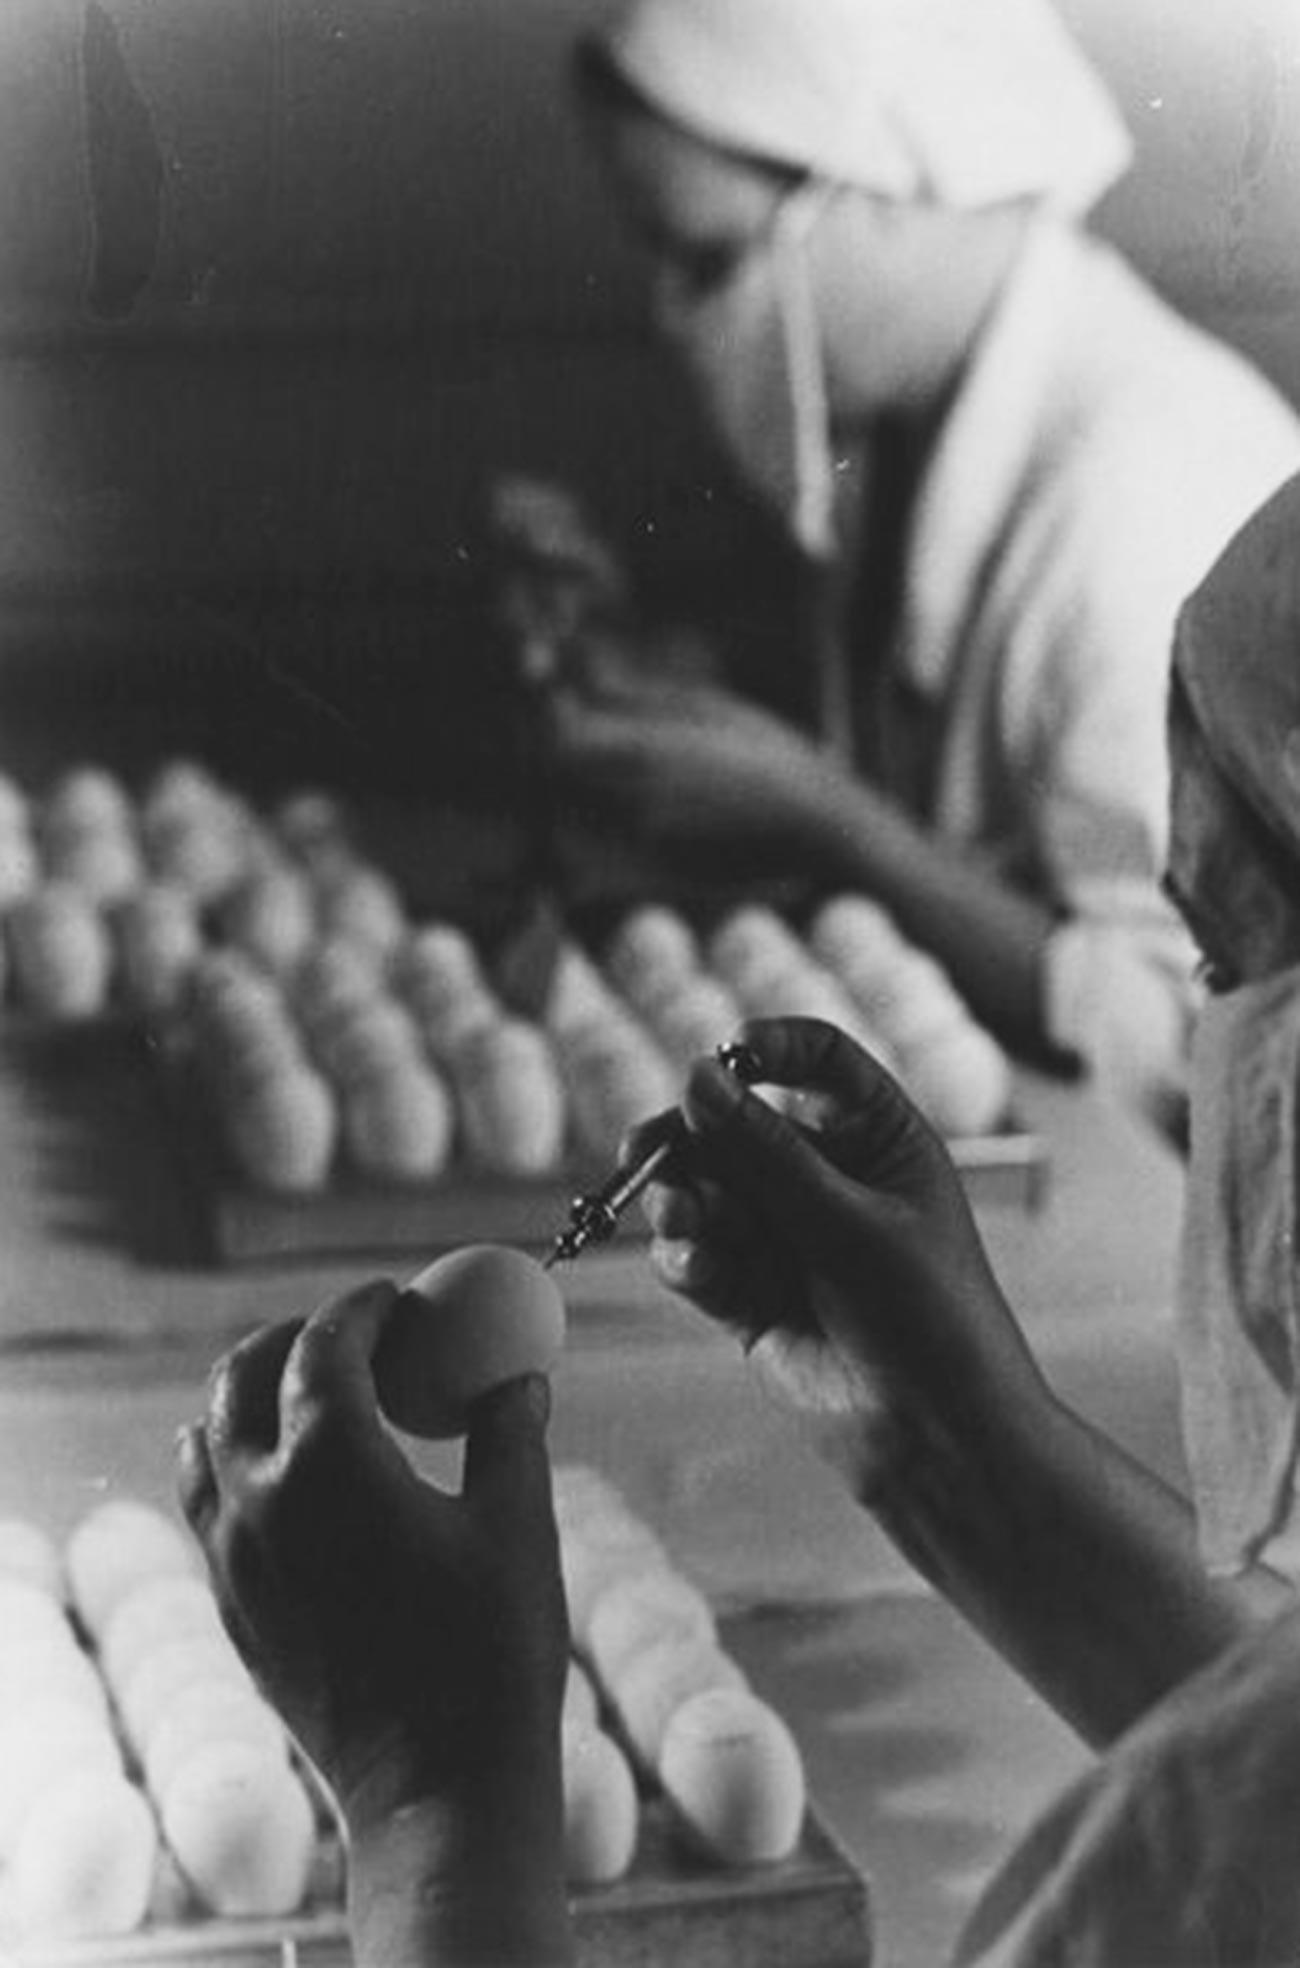 インフルエンザワクチンの試験、1950年代